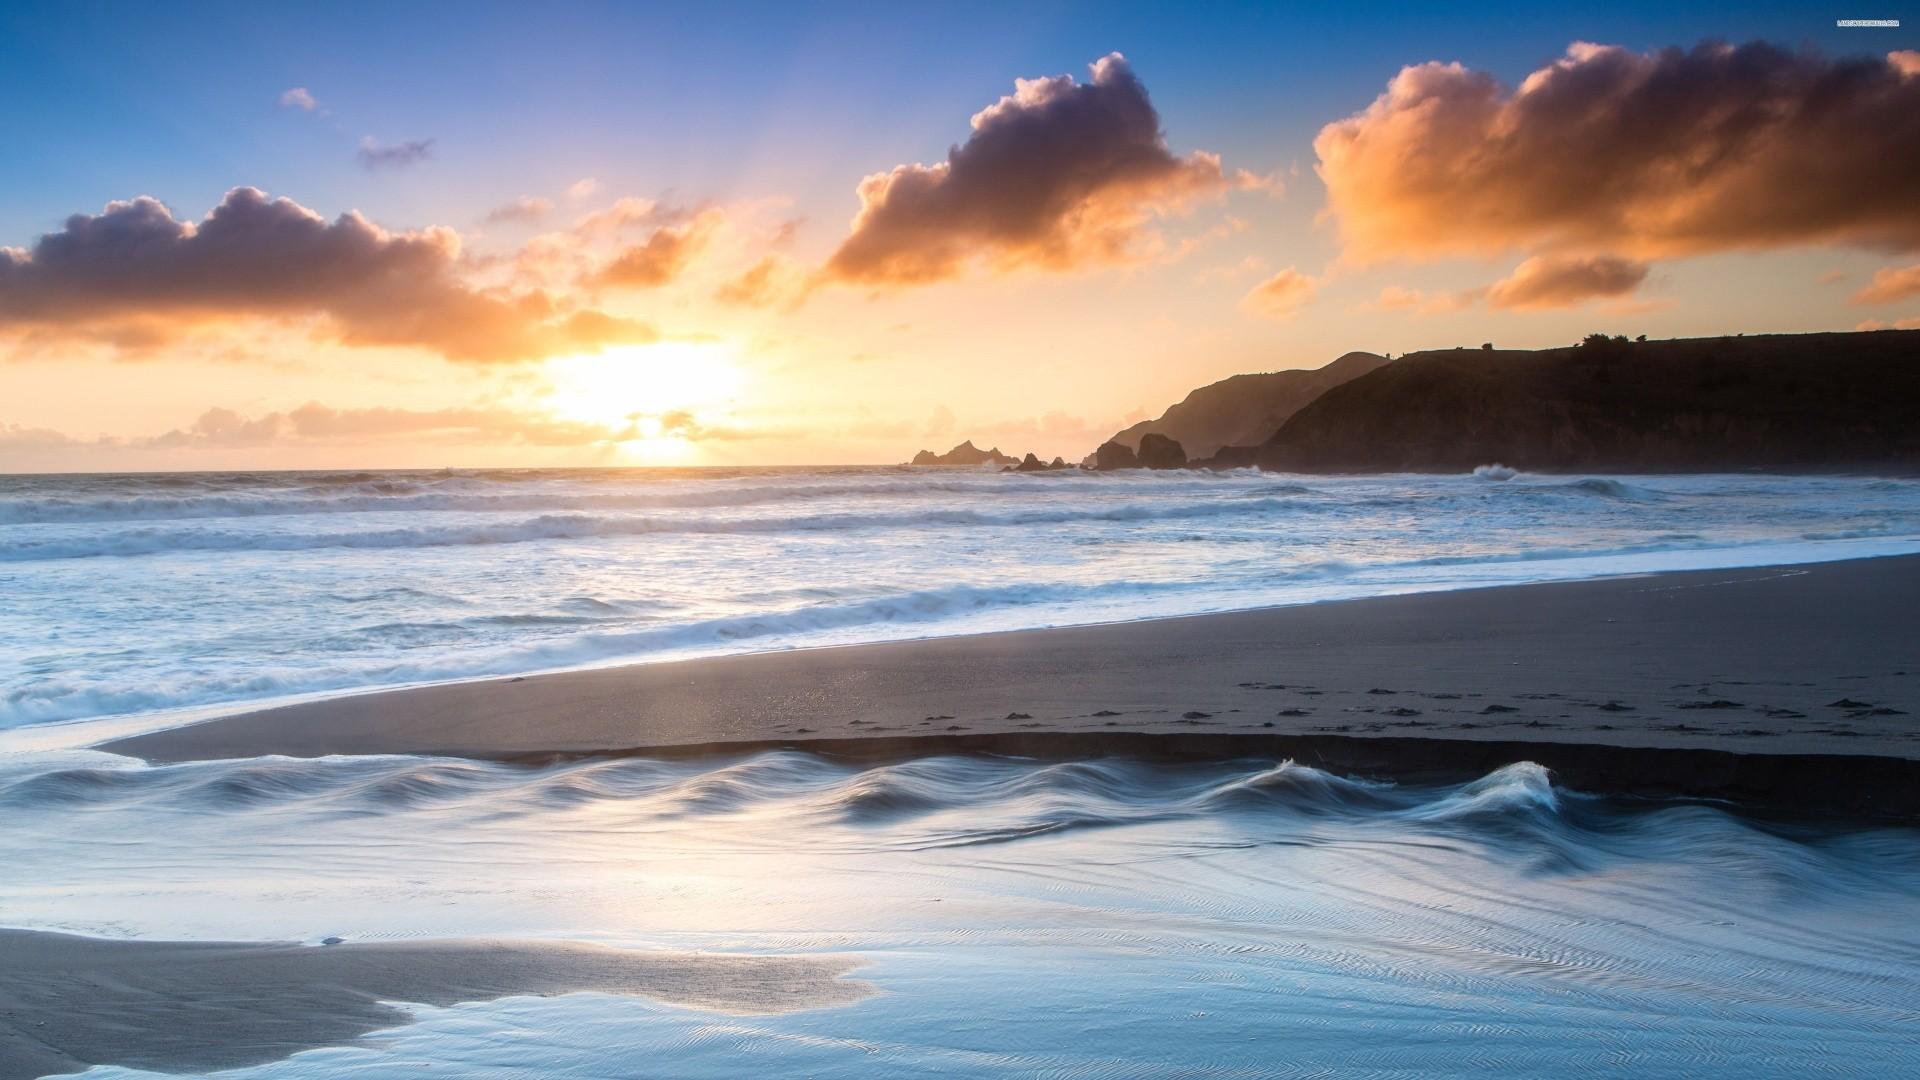 Ocean Nature Pic